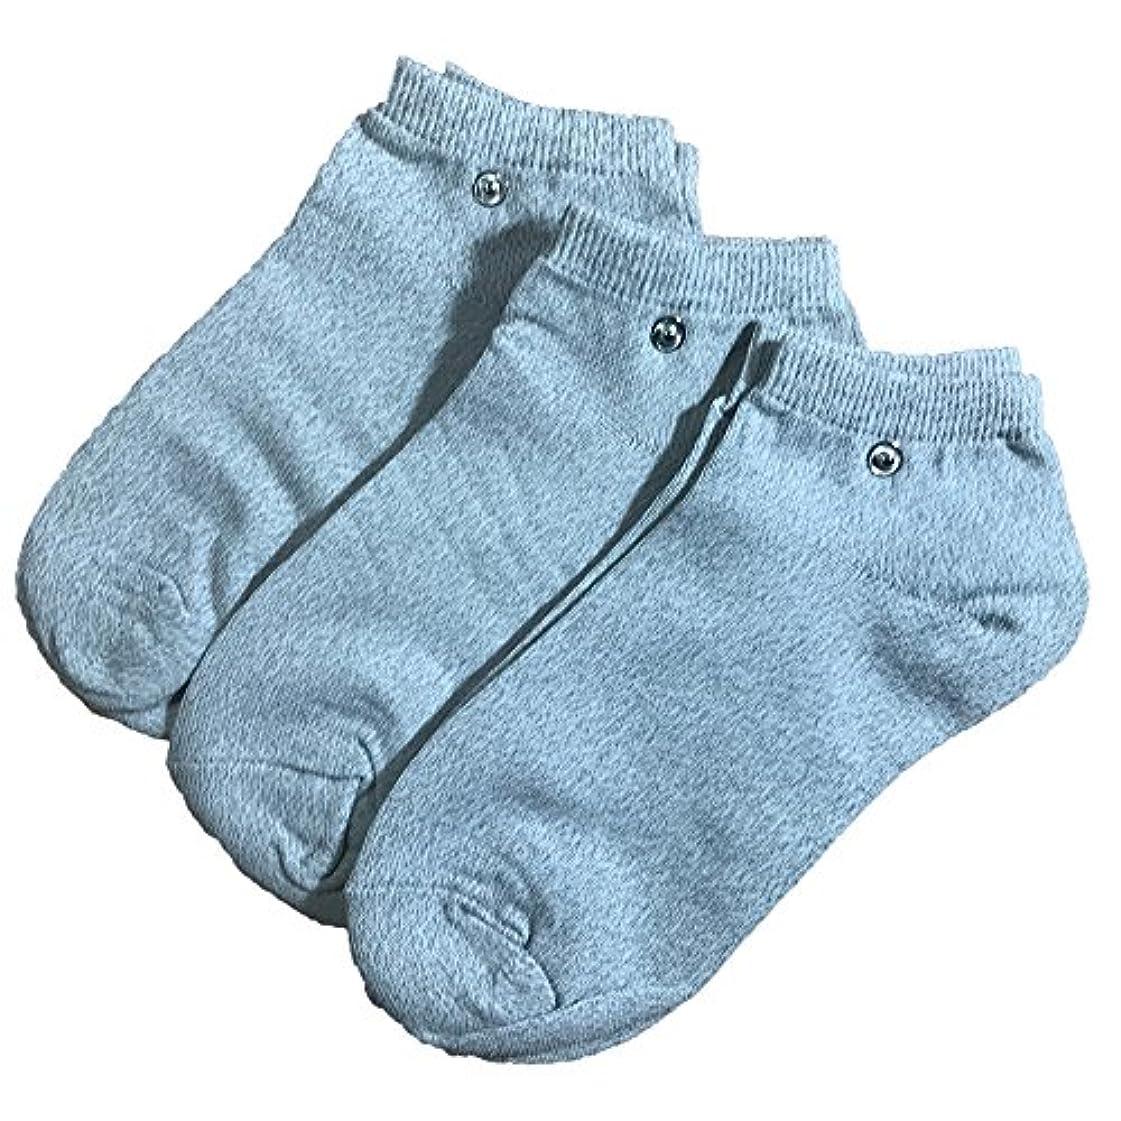 ジョージハンブリー敬意を表して症状riraku-life(??????) 大地と繋がるアーシング健康法用 アーシングソックス(low)お徳用3足セット 導電性靴下 (M)